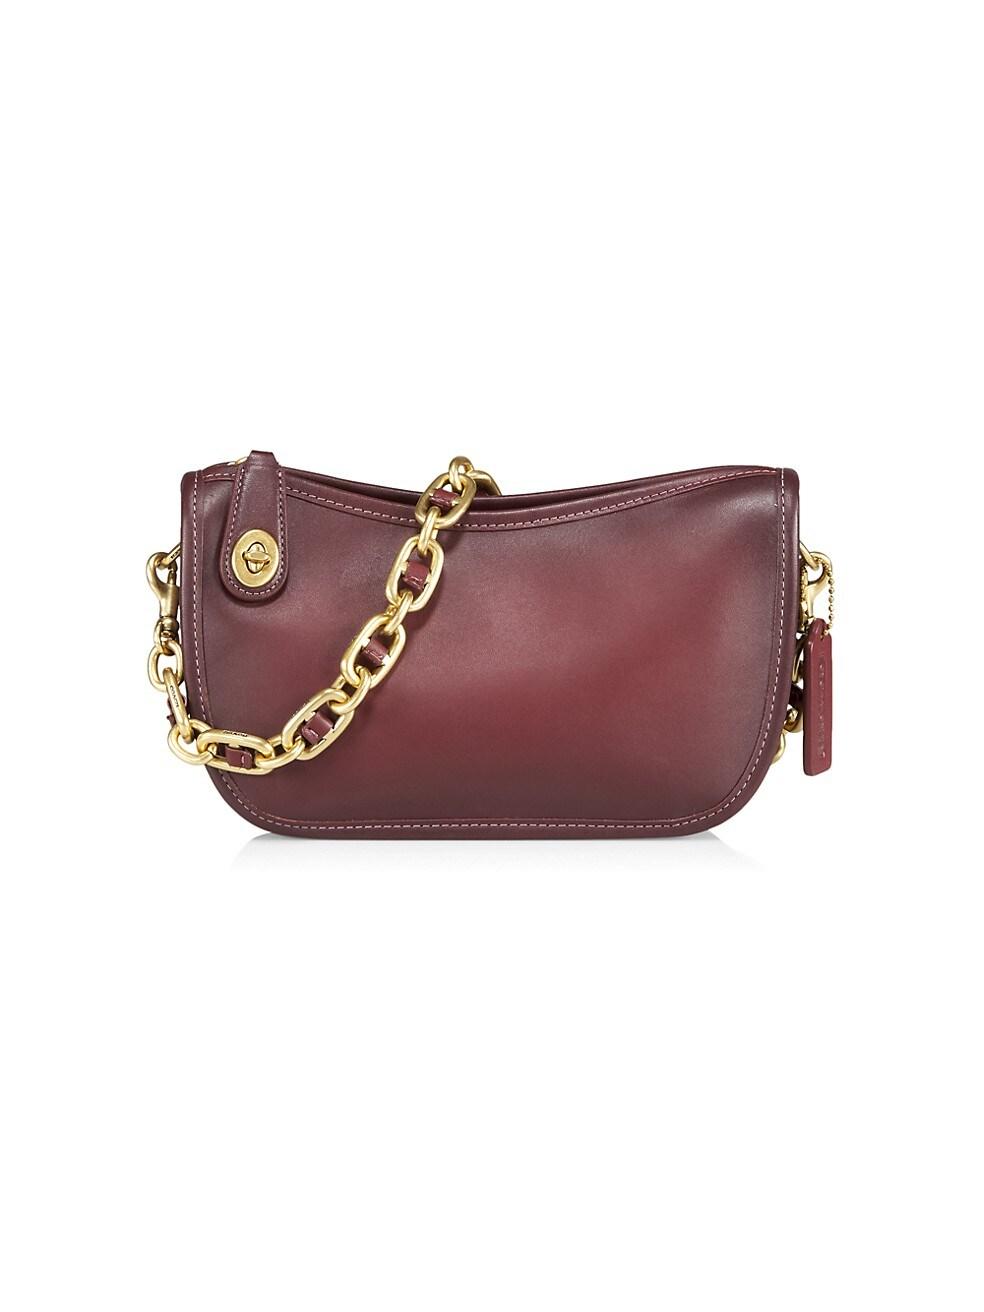 코치 숄더백 COACH Swinger Leather Shoulder Bag,WINE